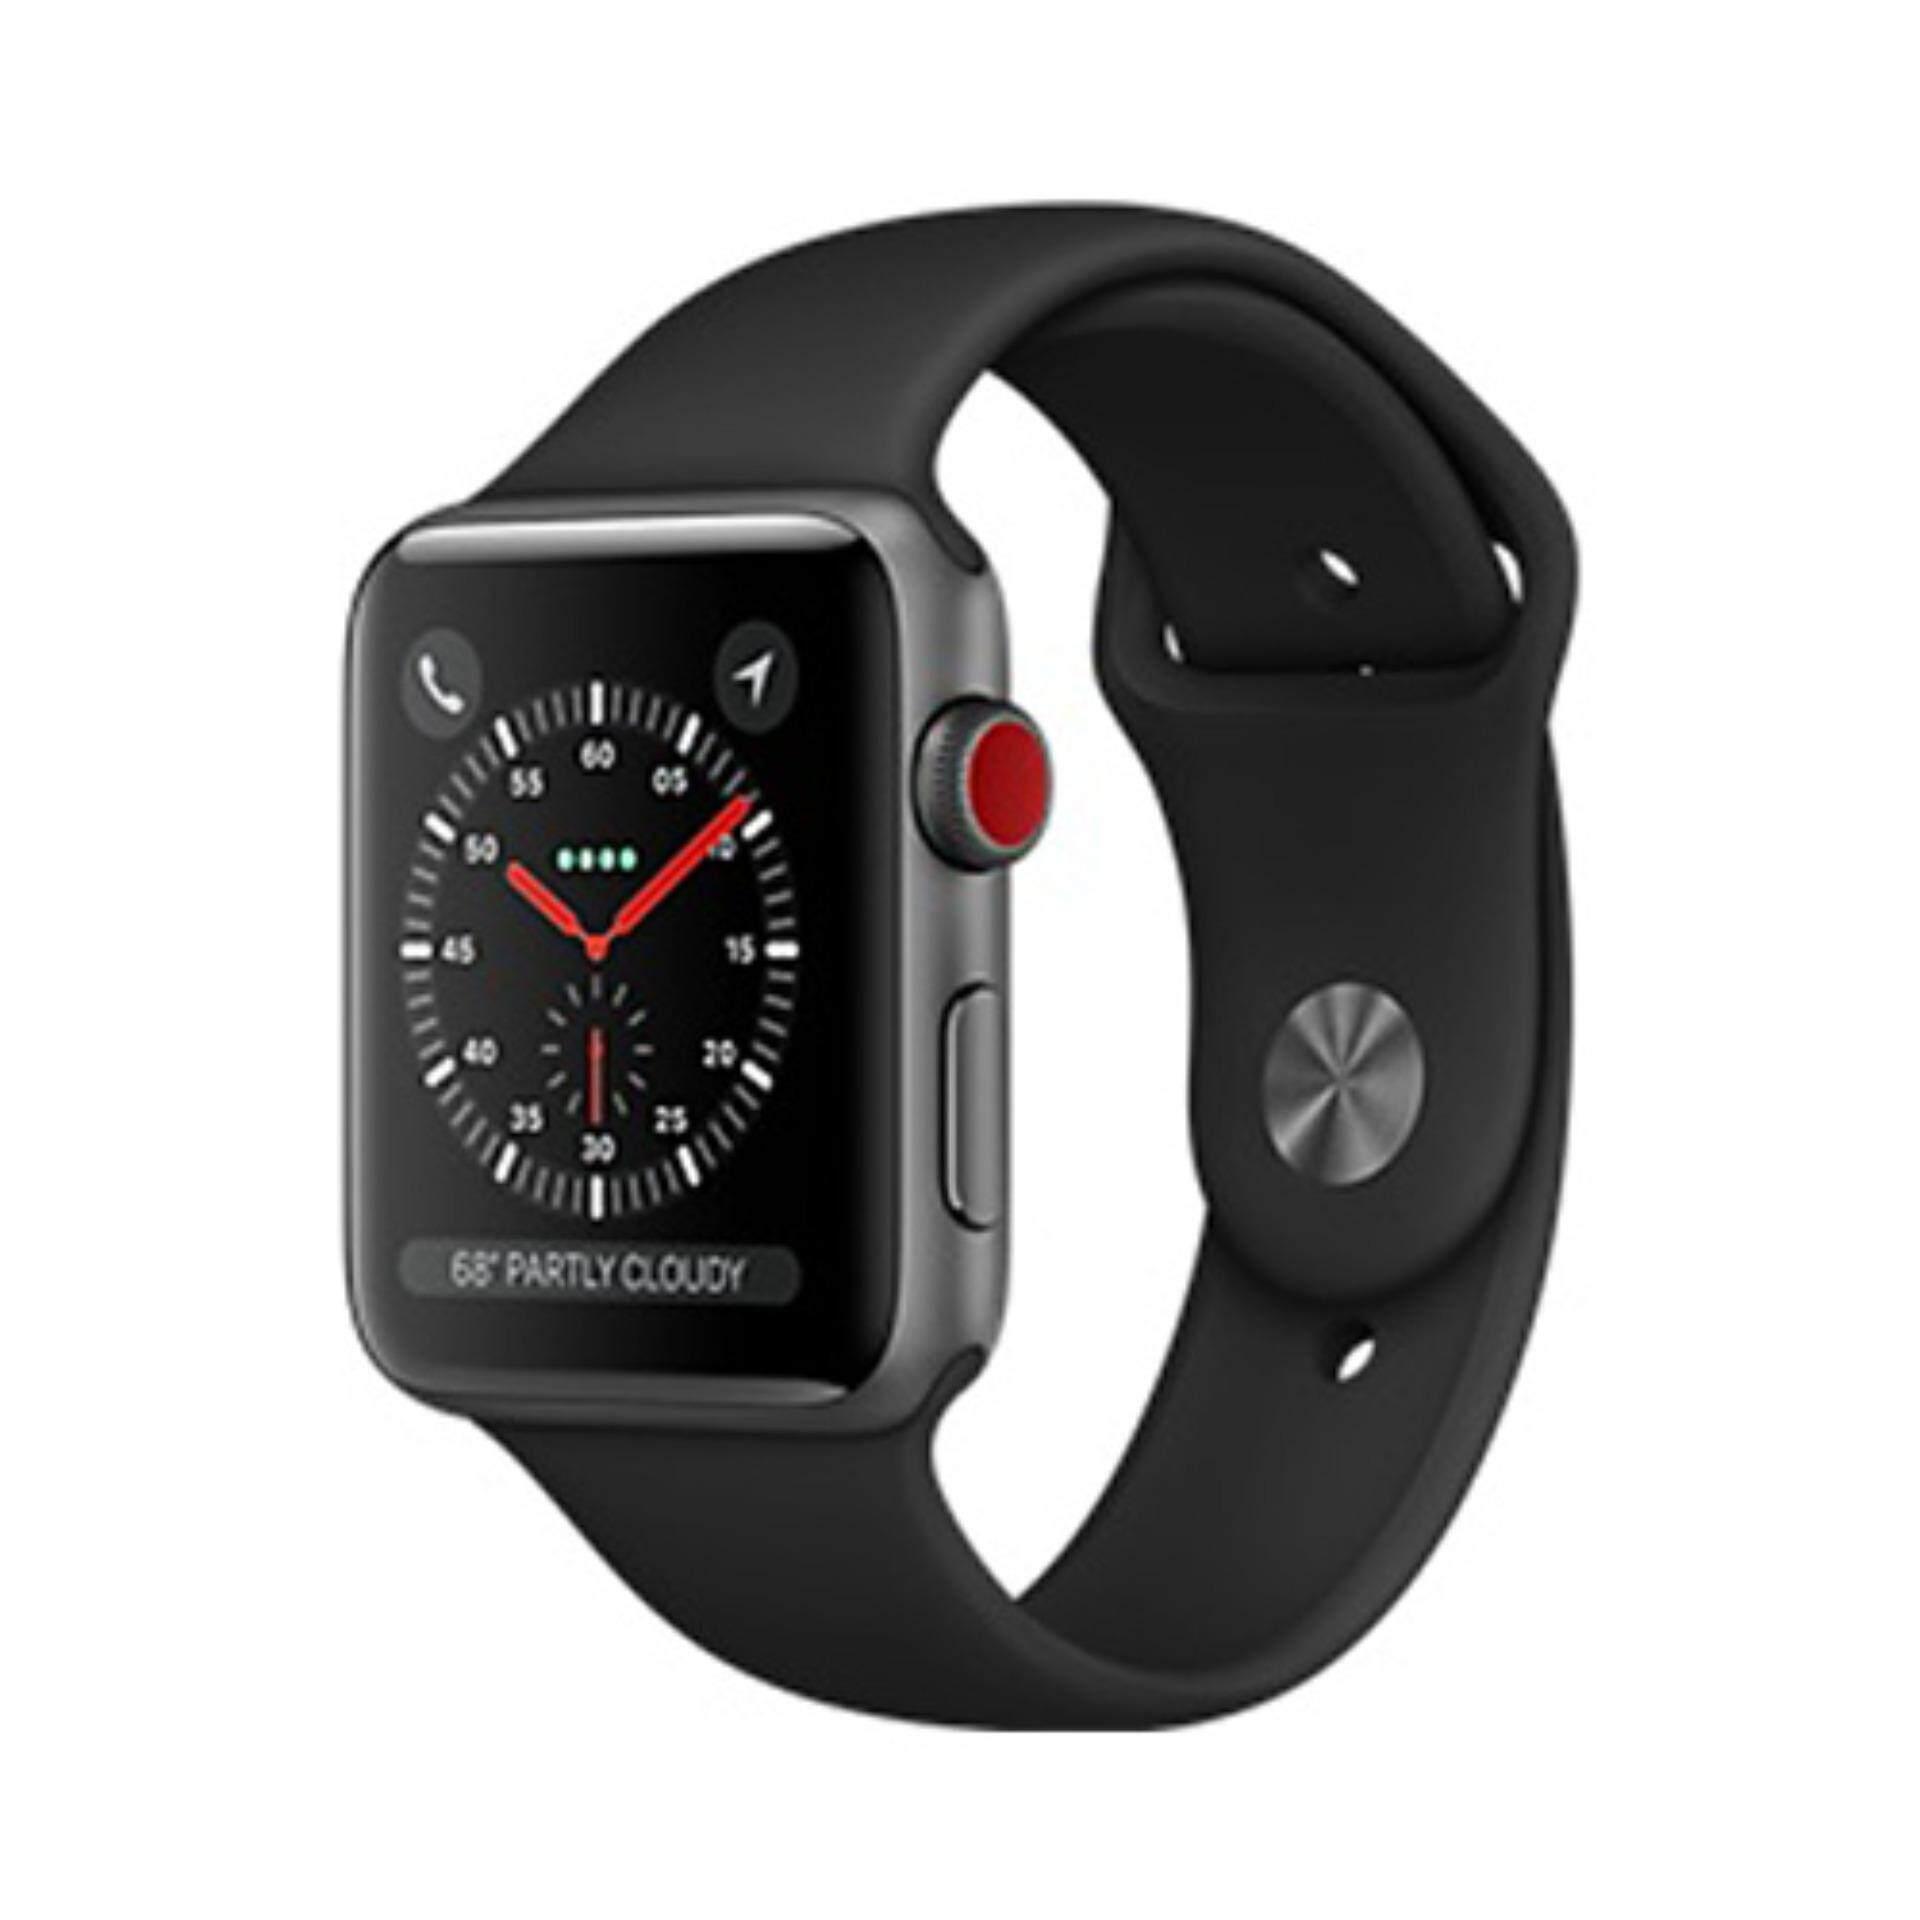 ขาย ซื้อ Apple Watch Series 3 Gps Cellular 42Mm Space Grey Aluminium Case With Black Sport Band สมุทรปราการ